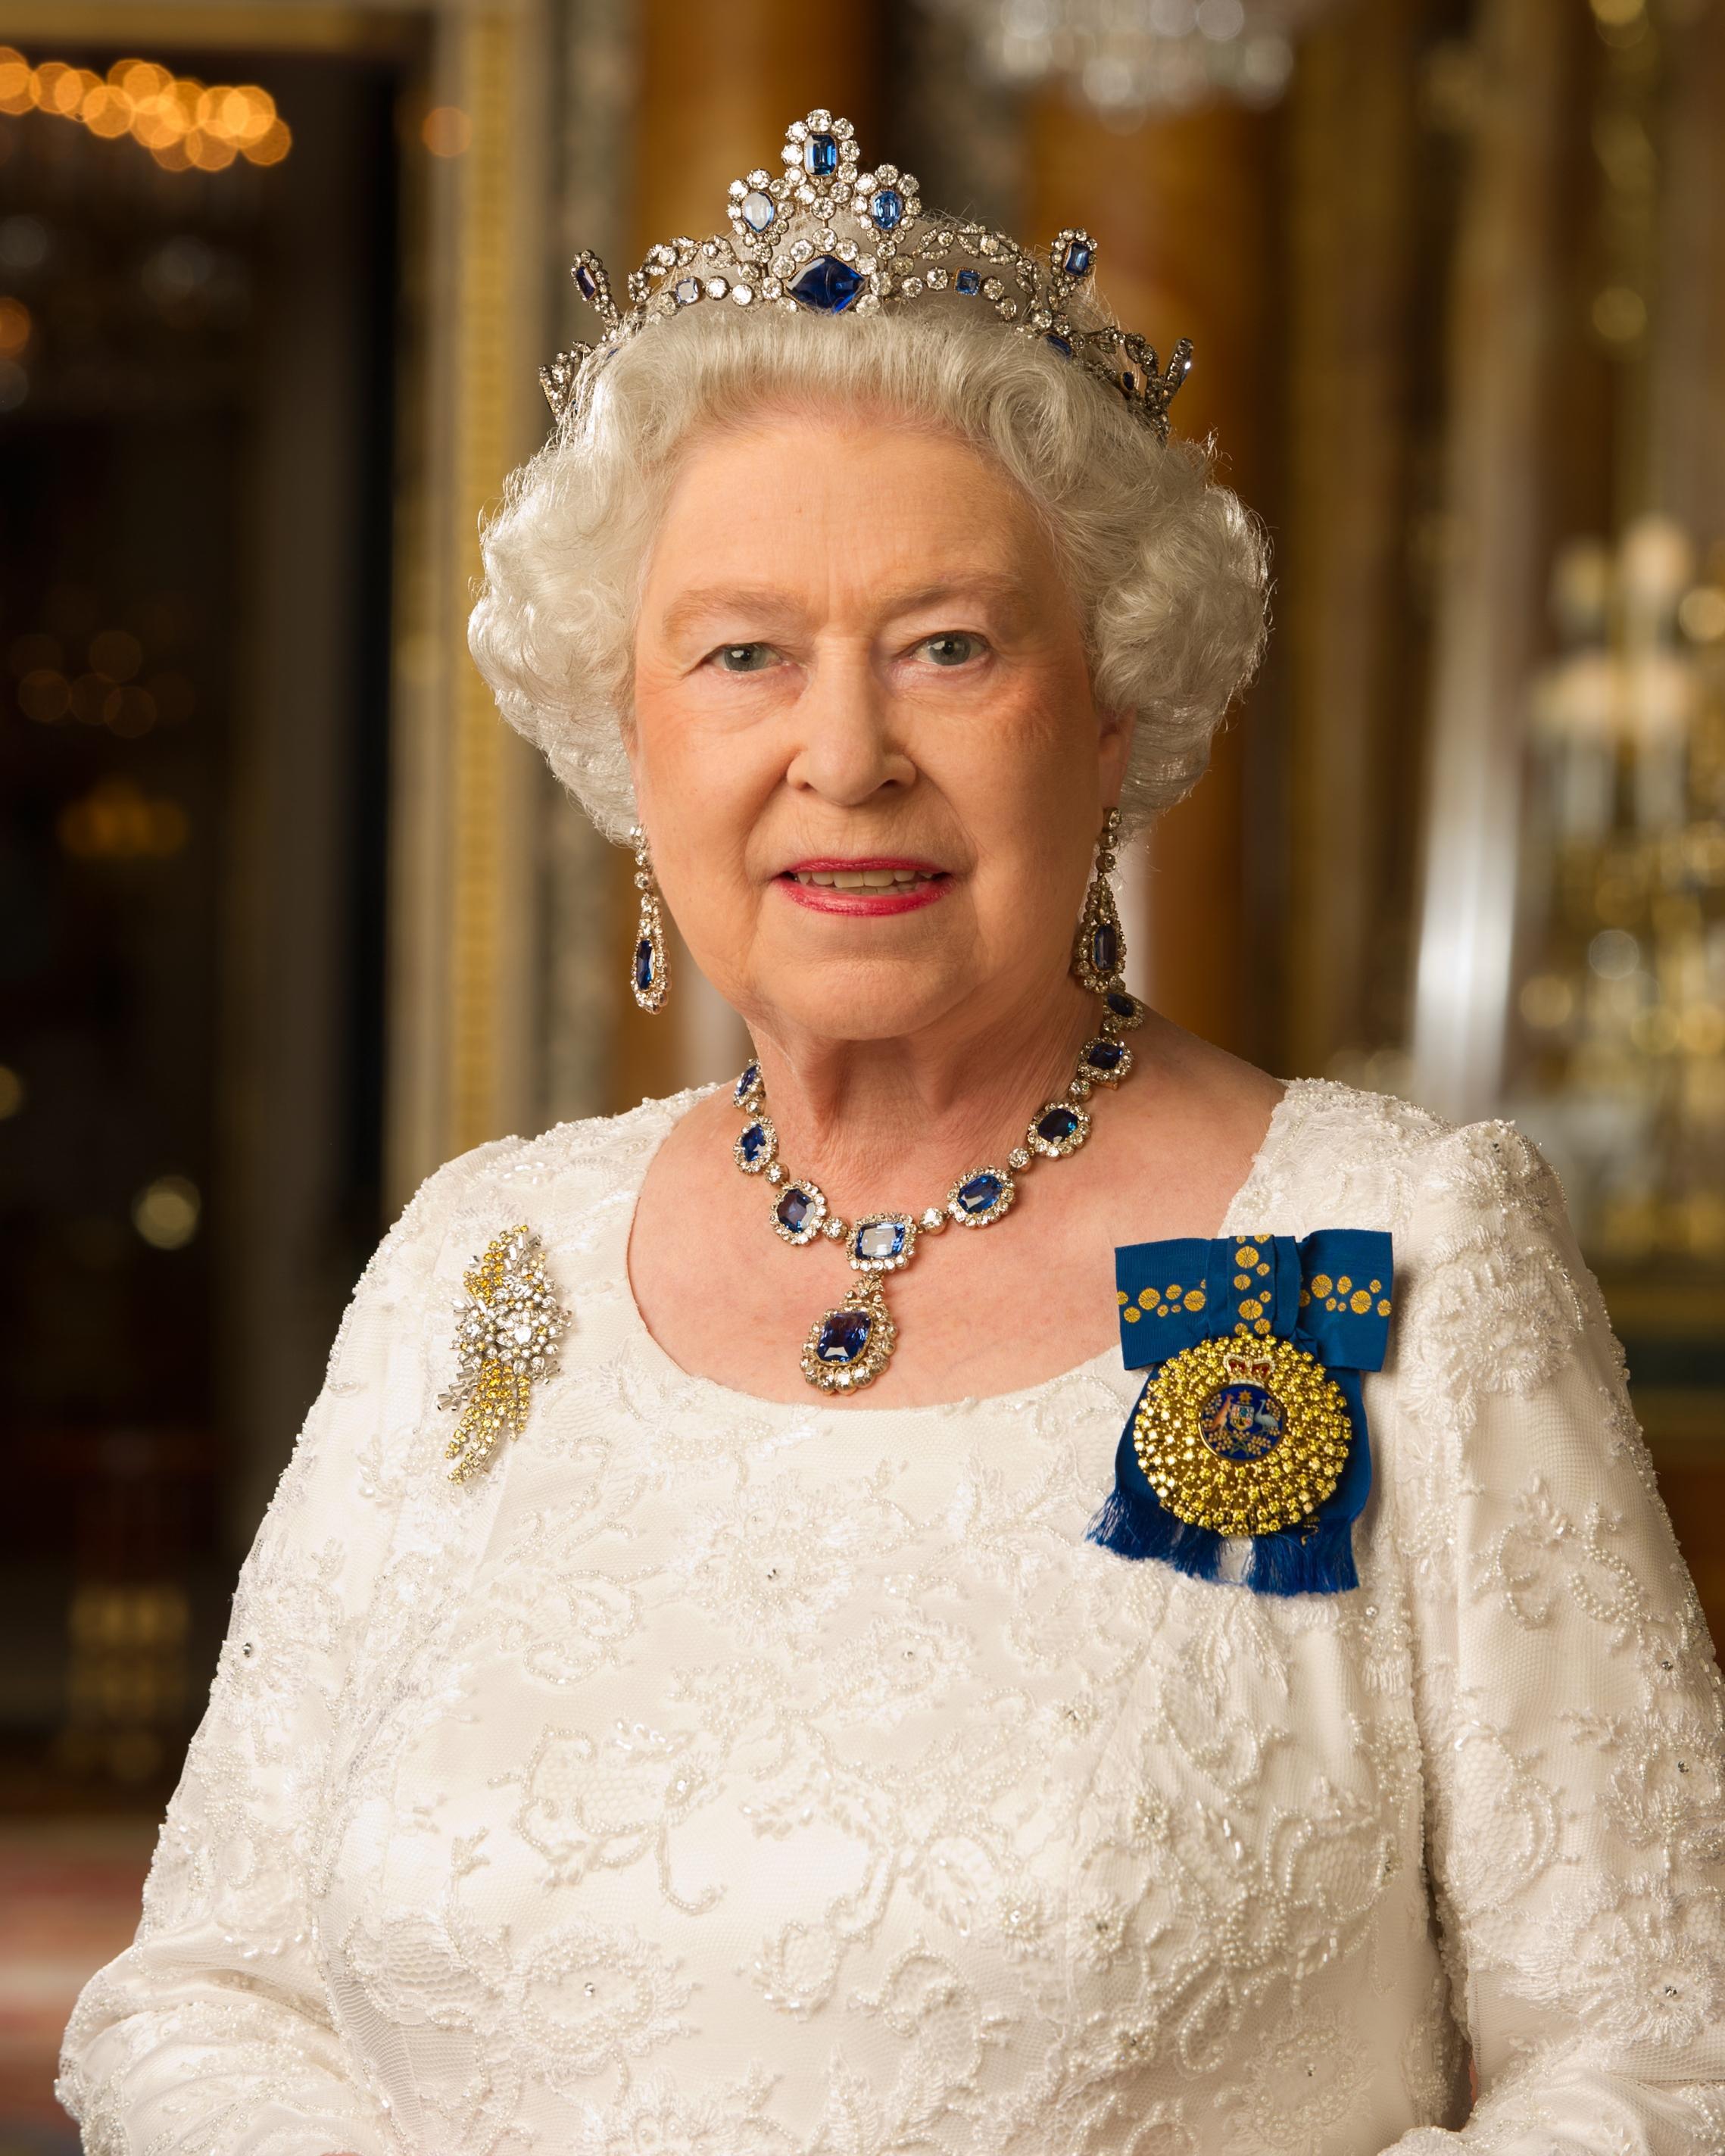 JS_RO005 : HM Queen Elizabeth II - Iconic Images